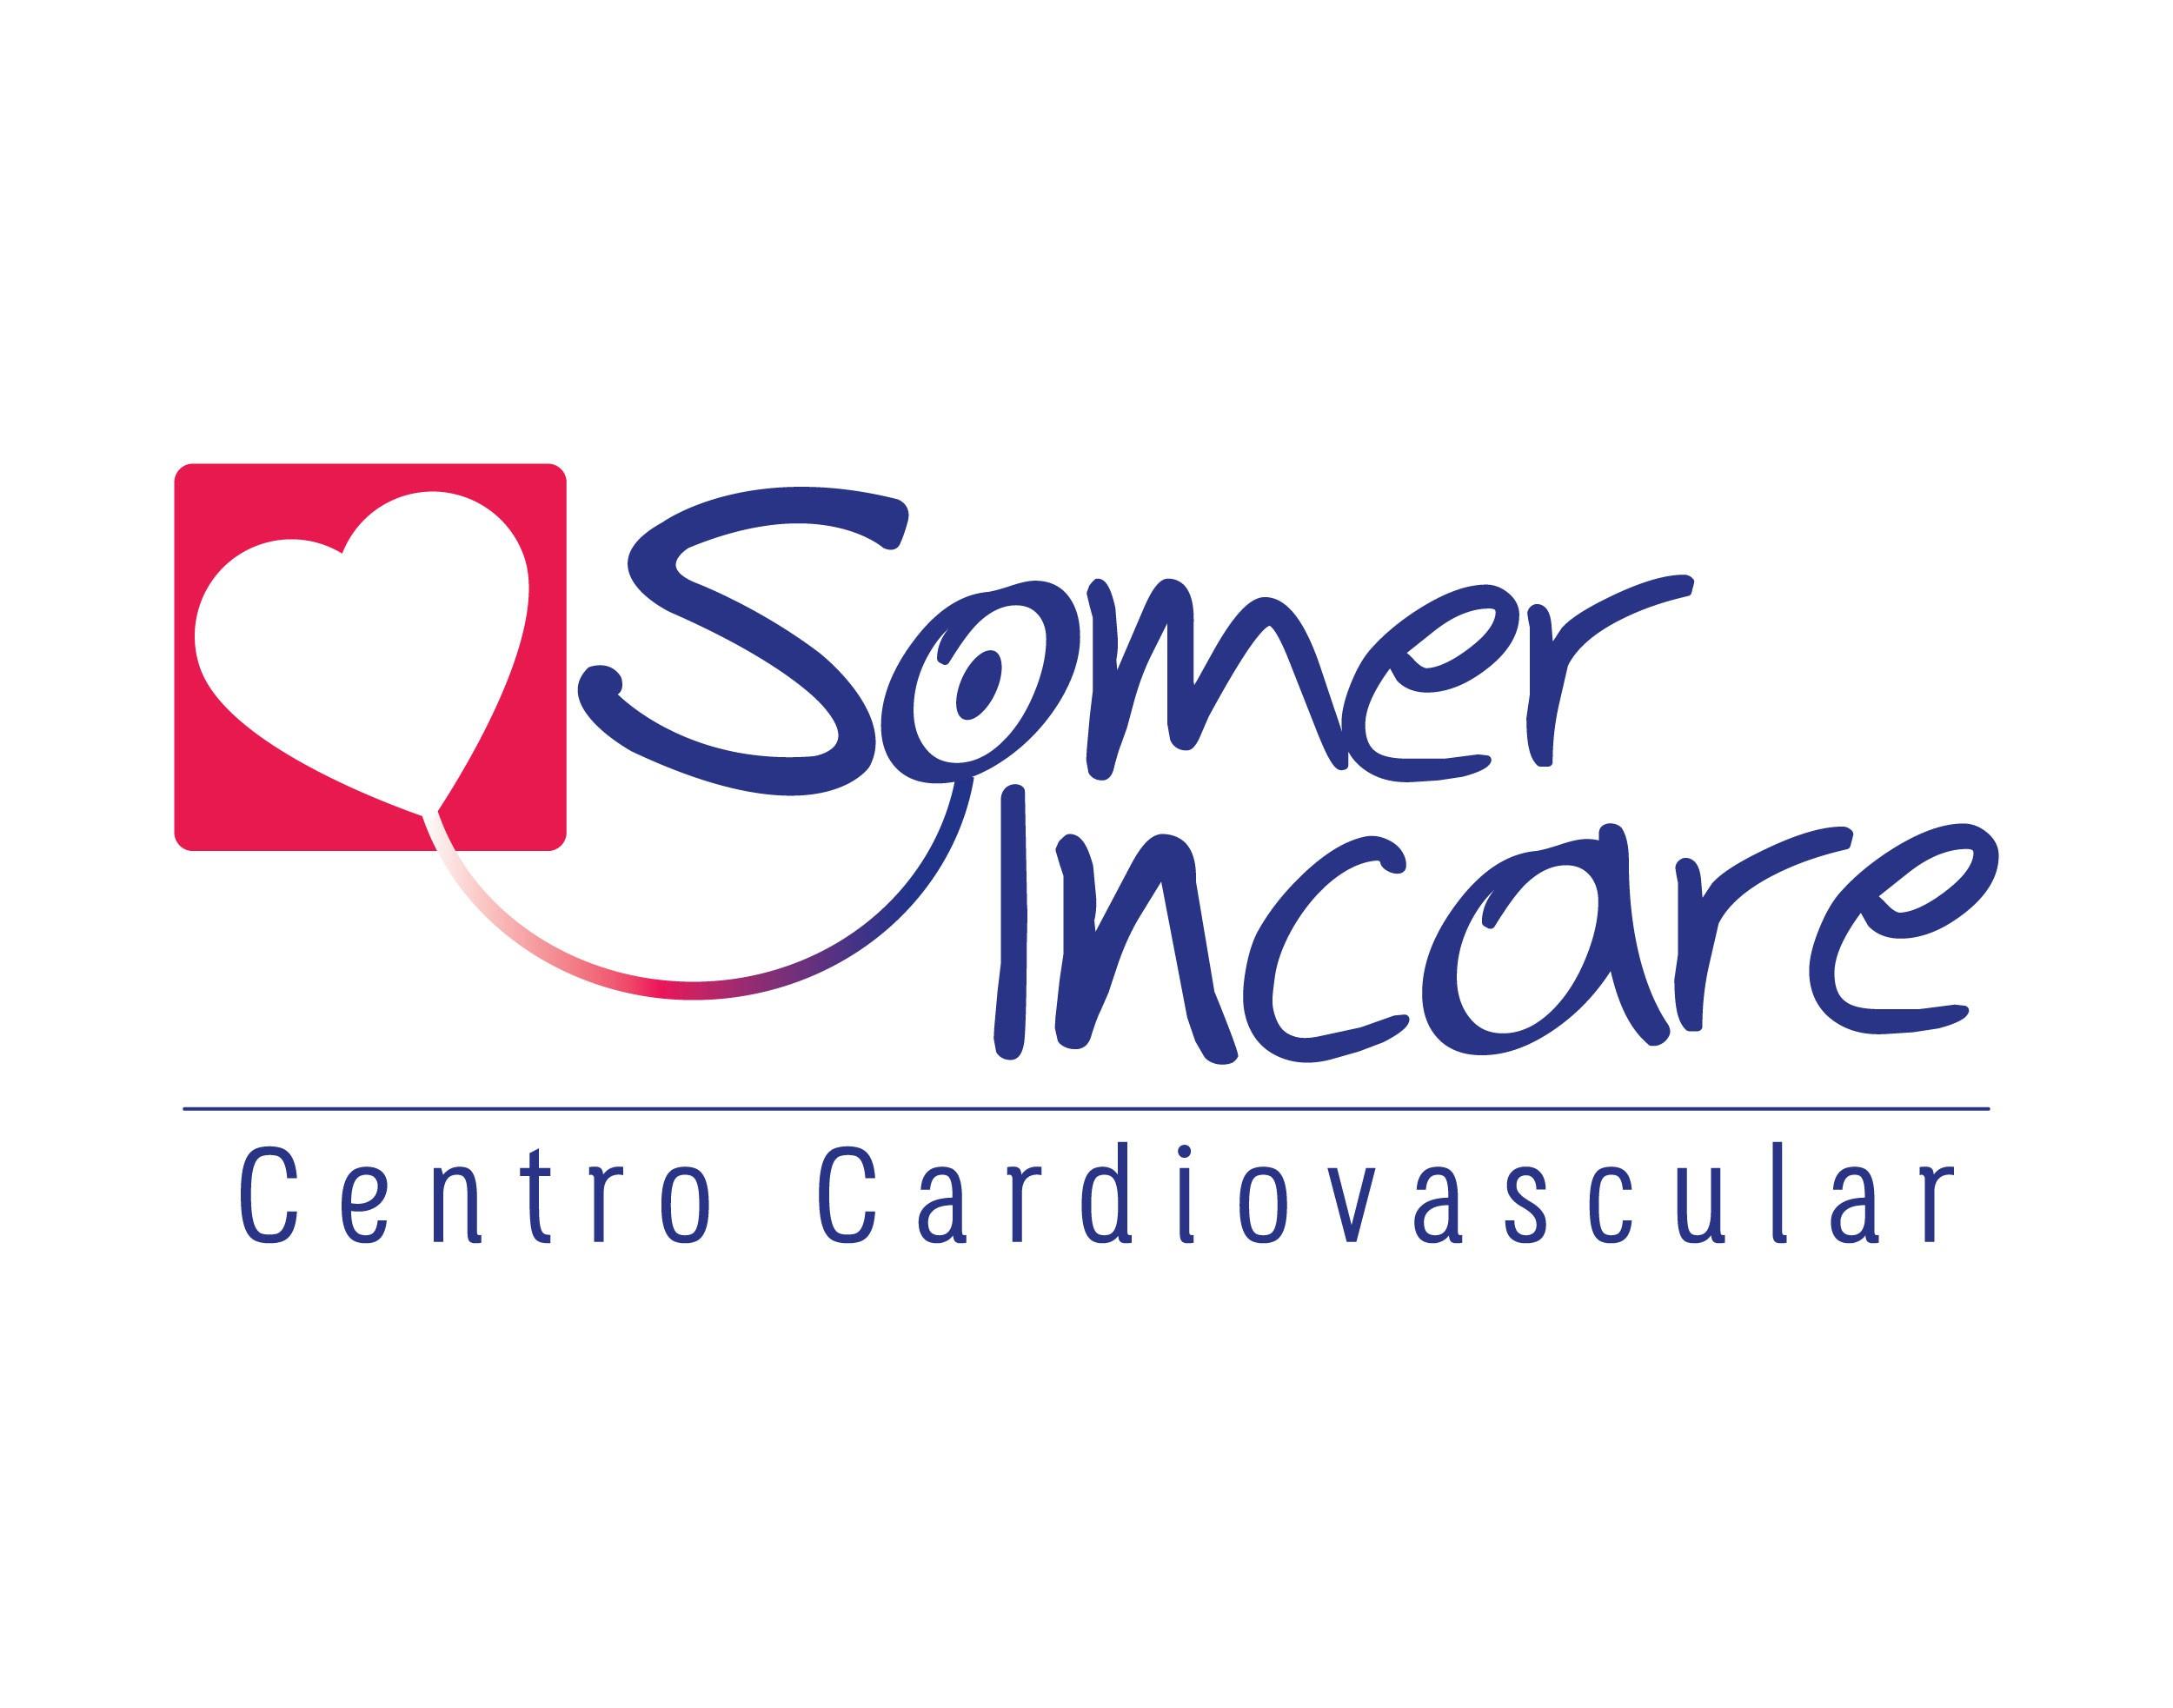 Centro Cardiovascular Somer Incare SA